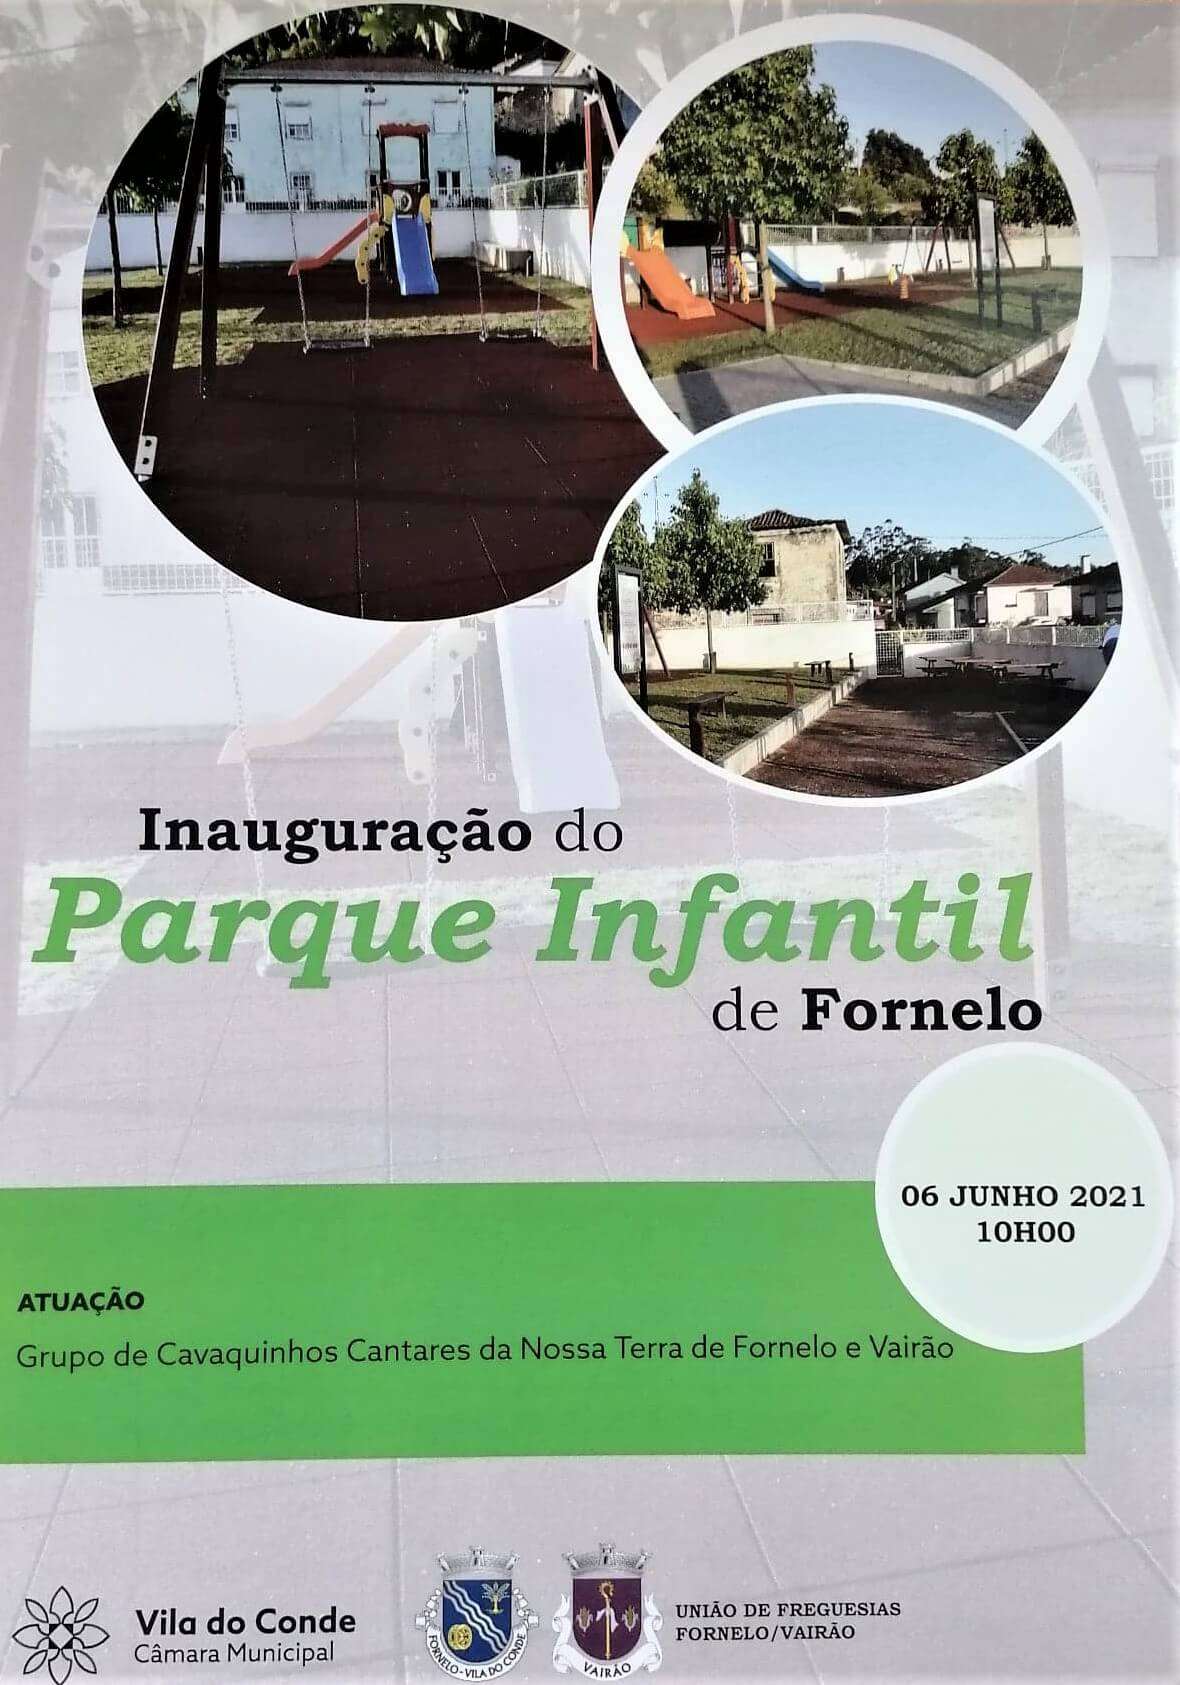 InauguracaoParqueInfantil.jpg